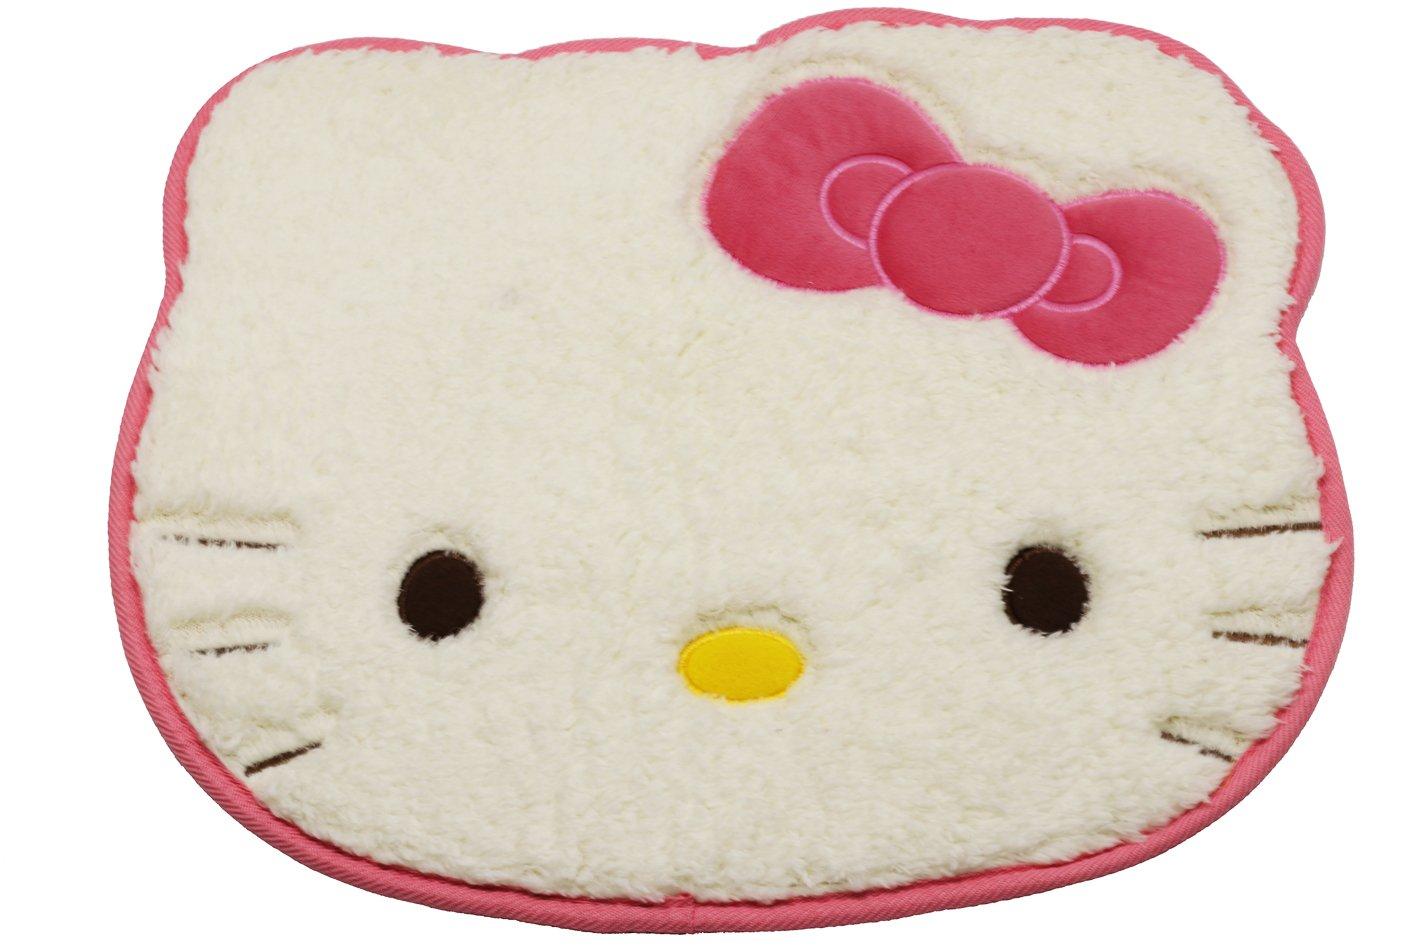 Cute Hello Kitty Door Mat Kitchen Bathroom Mat Carpet Bath Mats for home decoration